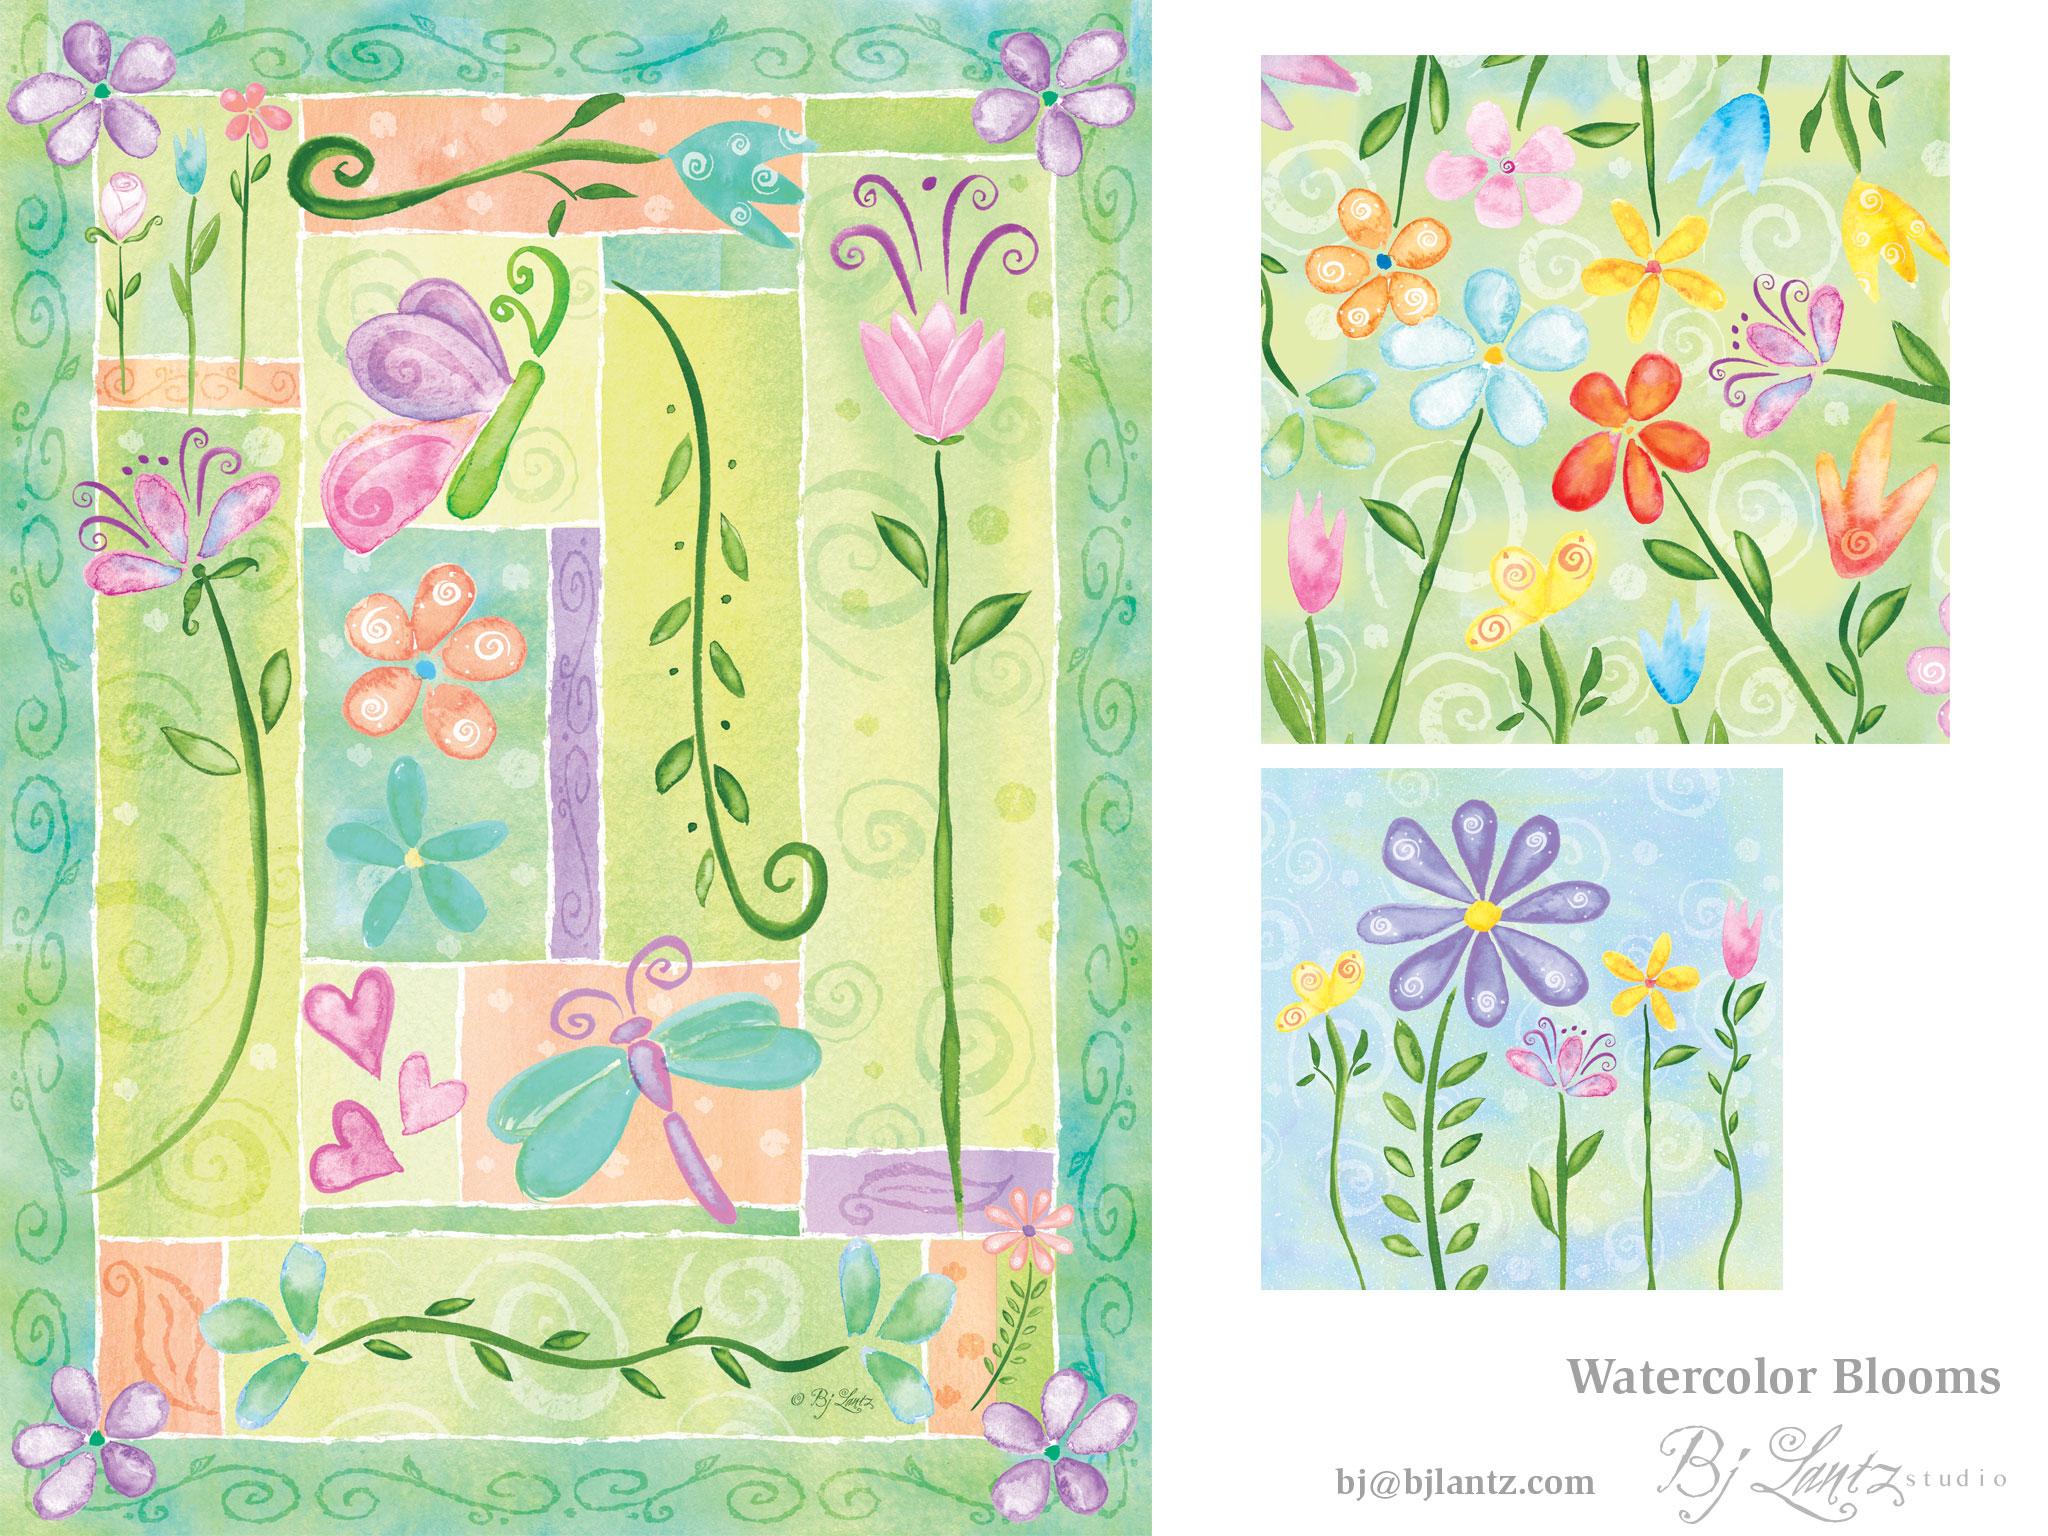 WatercolorBlooms_BJLantz_1.jpg